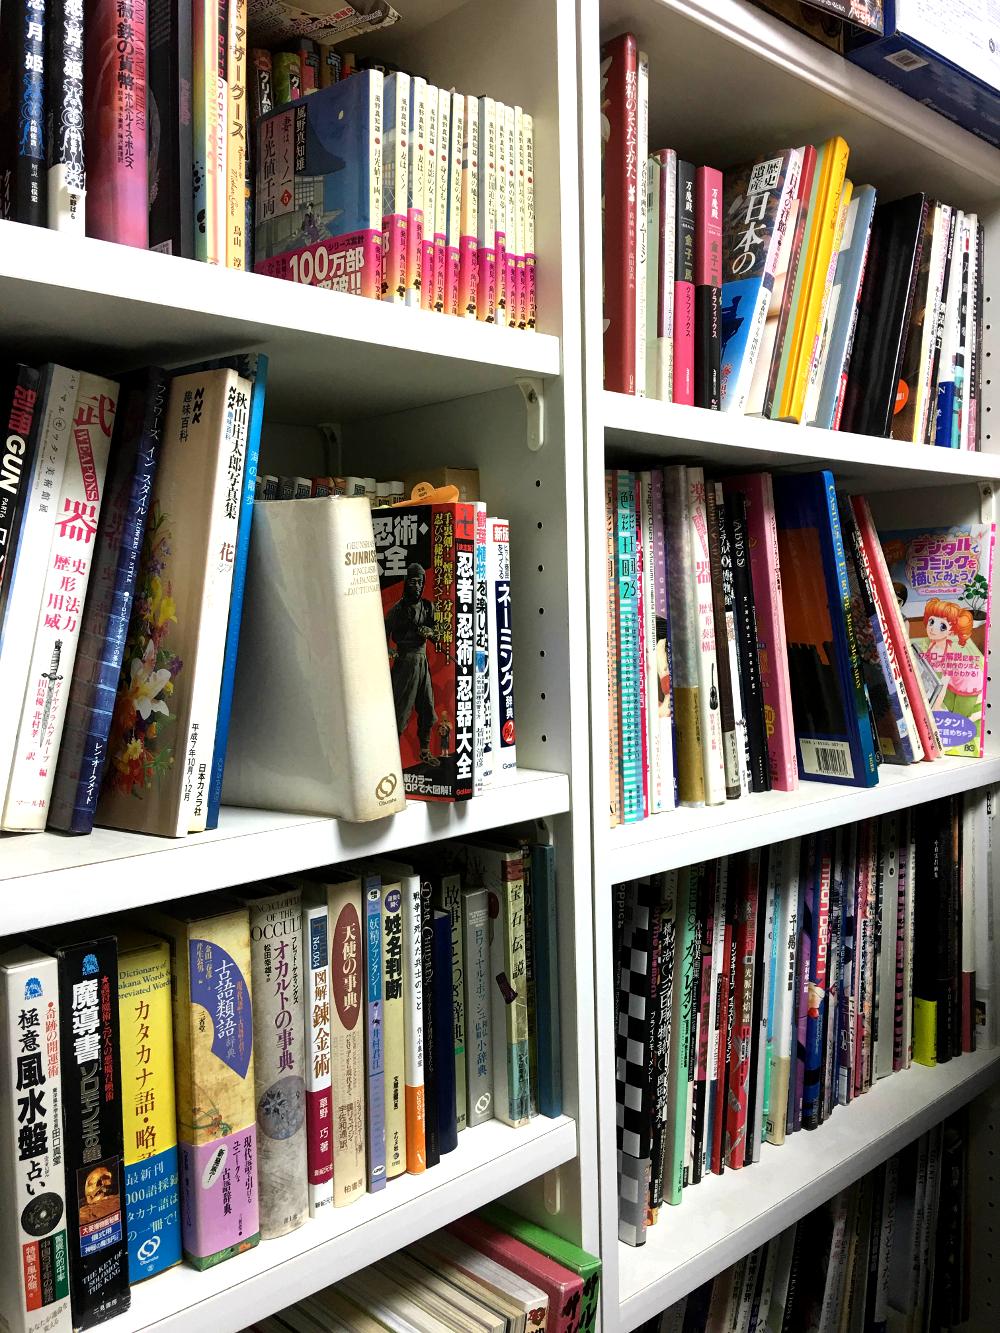 写真の本棚は中板がたわまないよう特注で厚い板にしてもらった自慢の逸品!